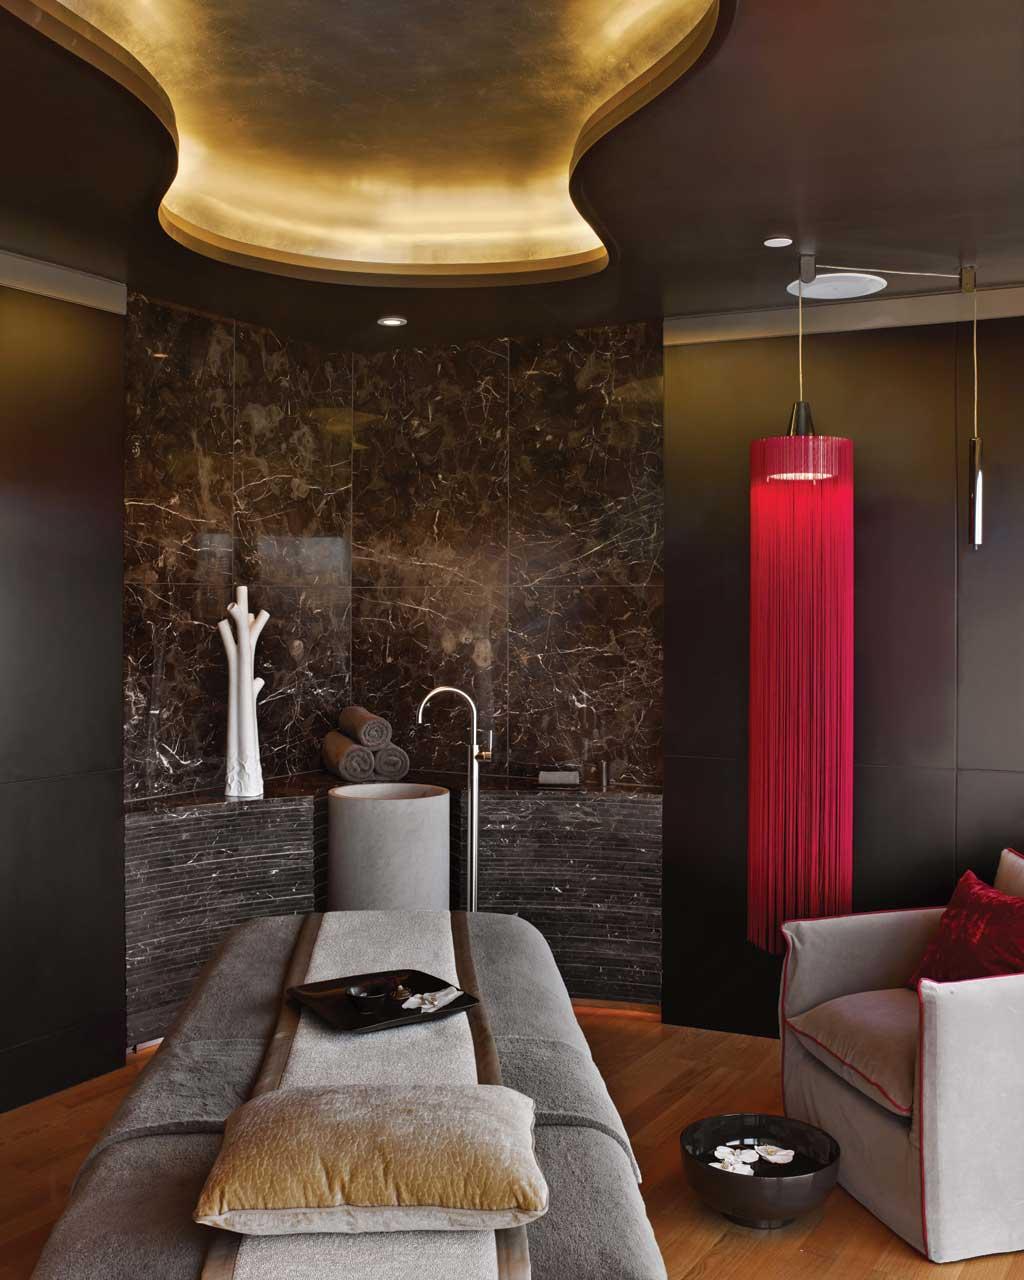 Espa at Baku Flame Towers Fairmont 10